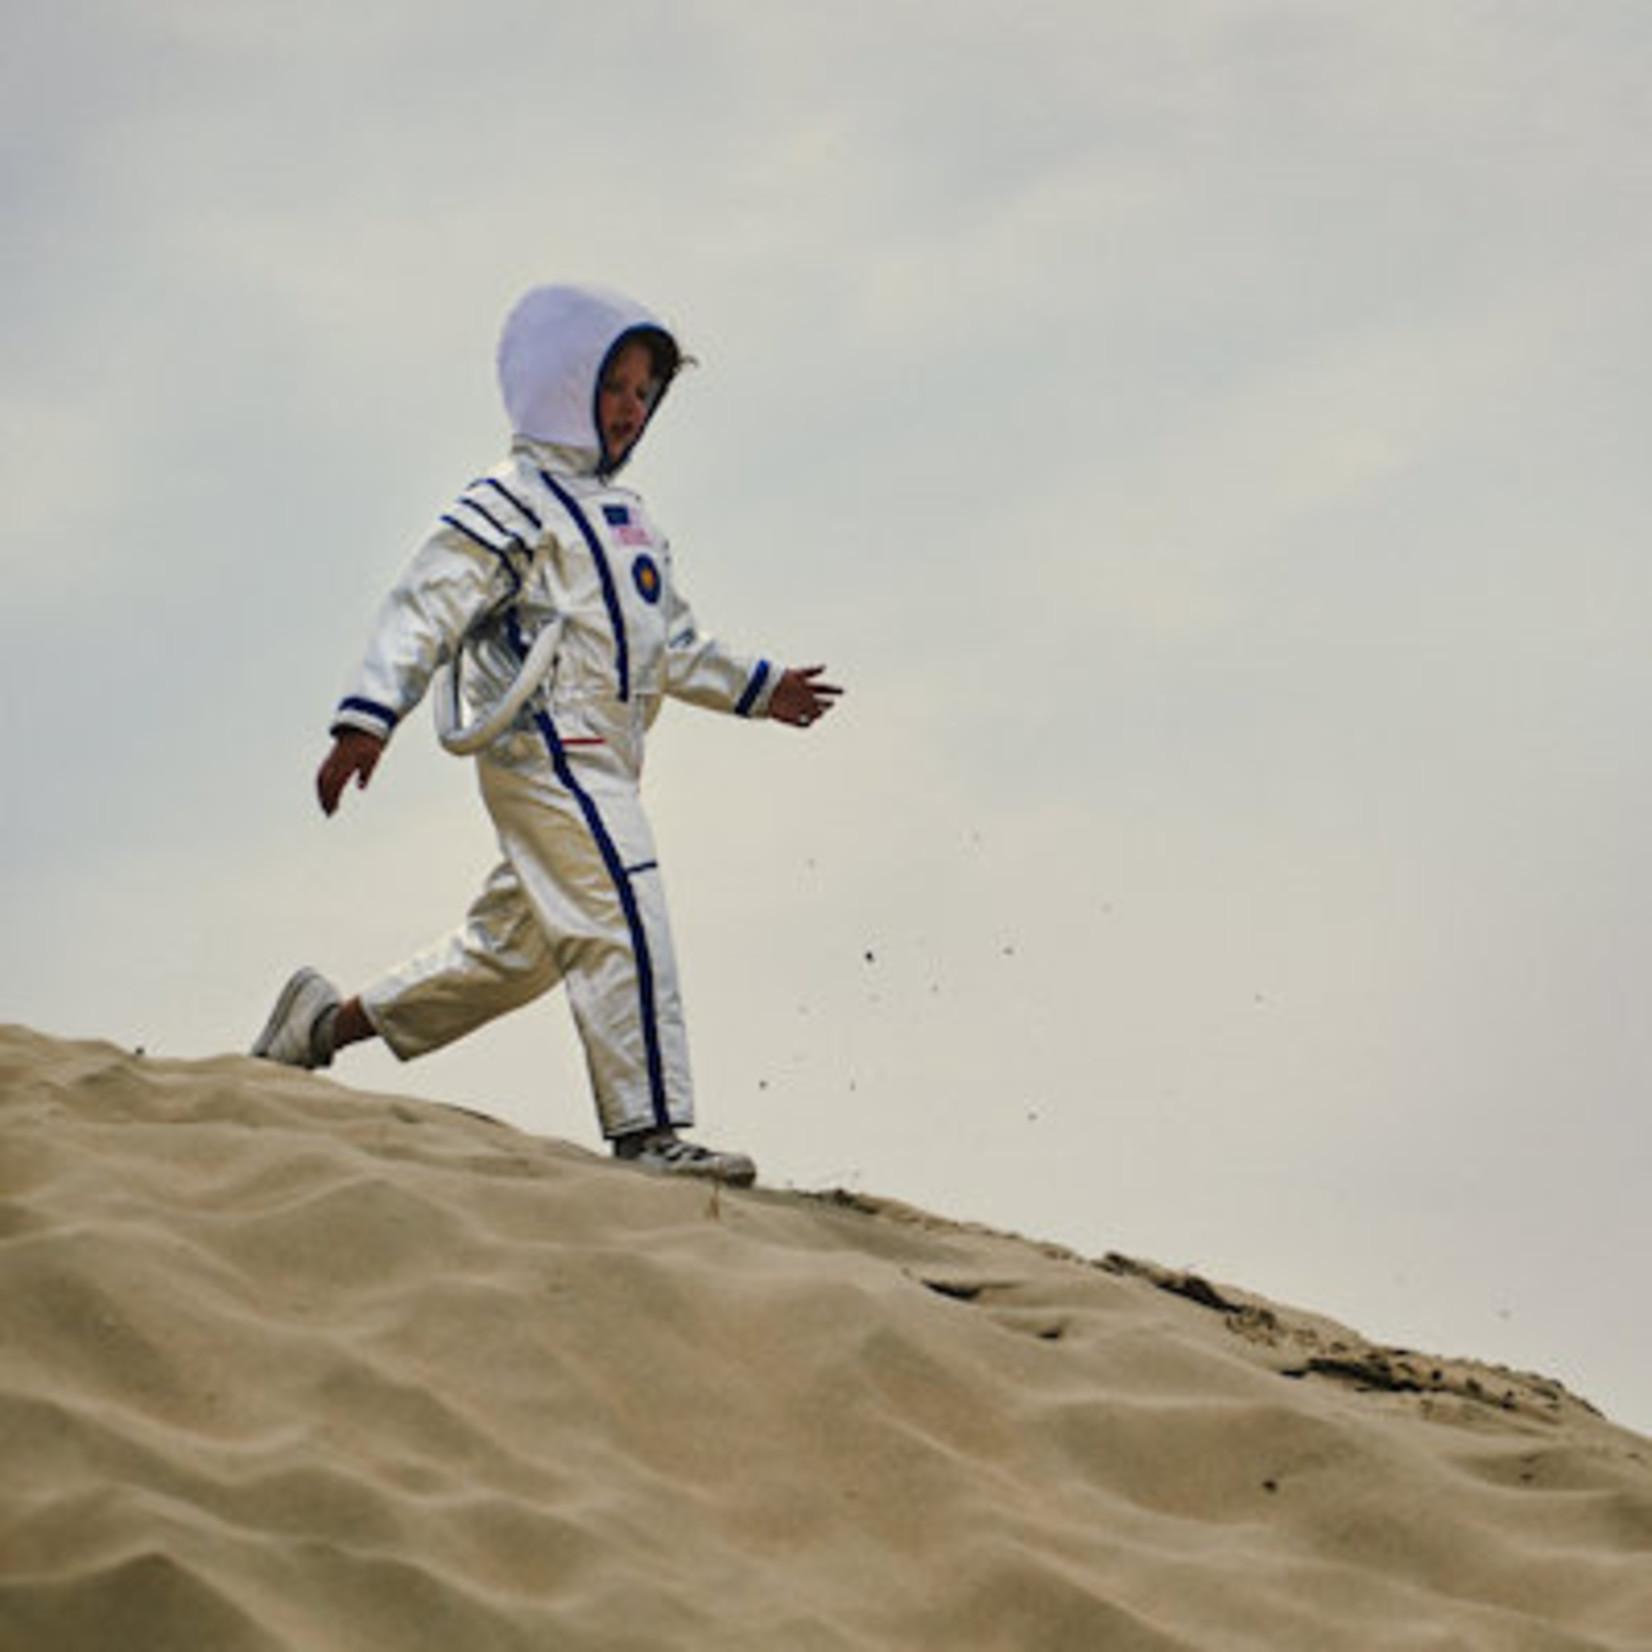 Souza for kids Ruimtevaarder - Spaceman